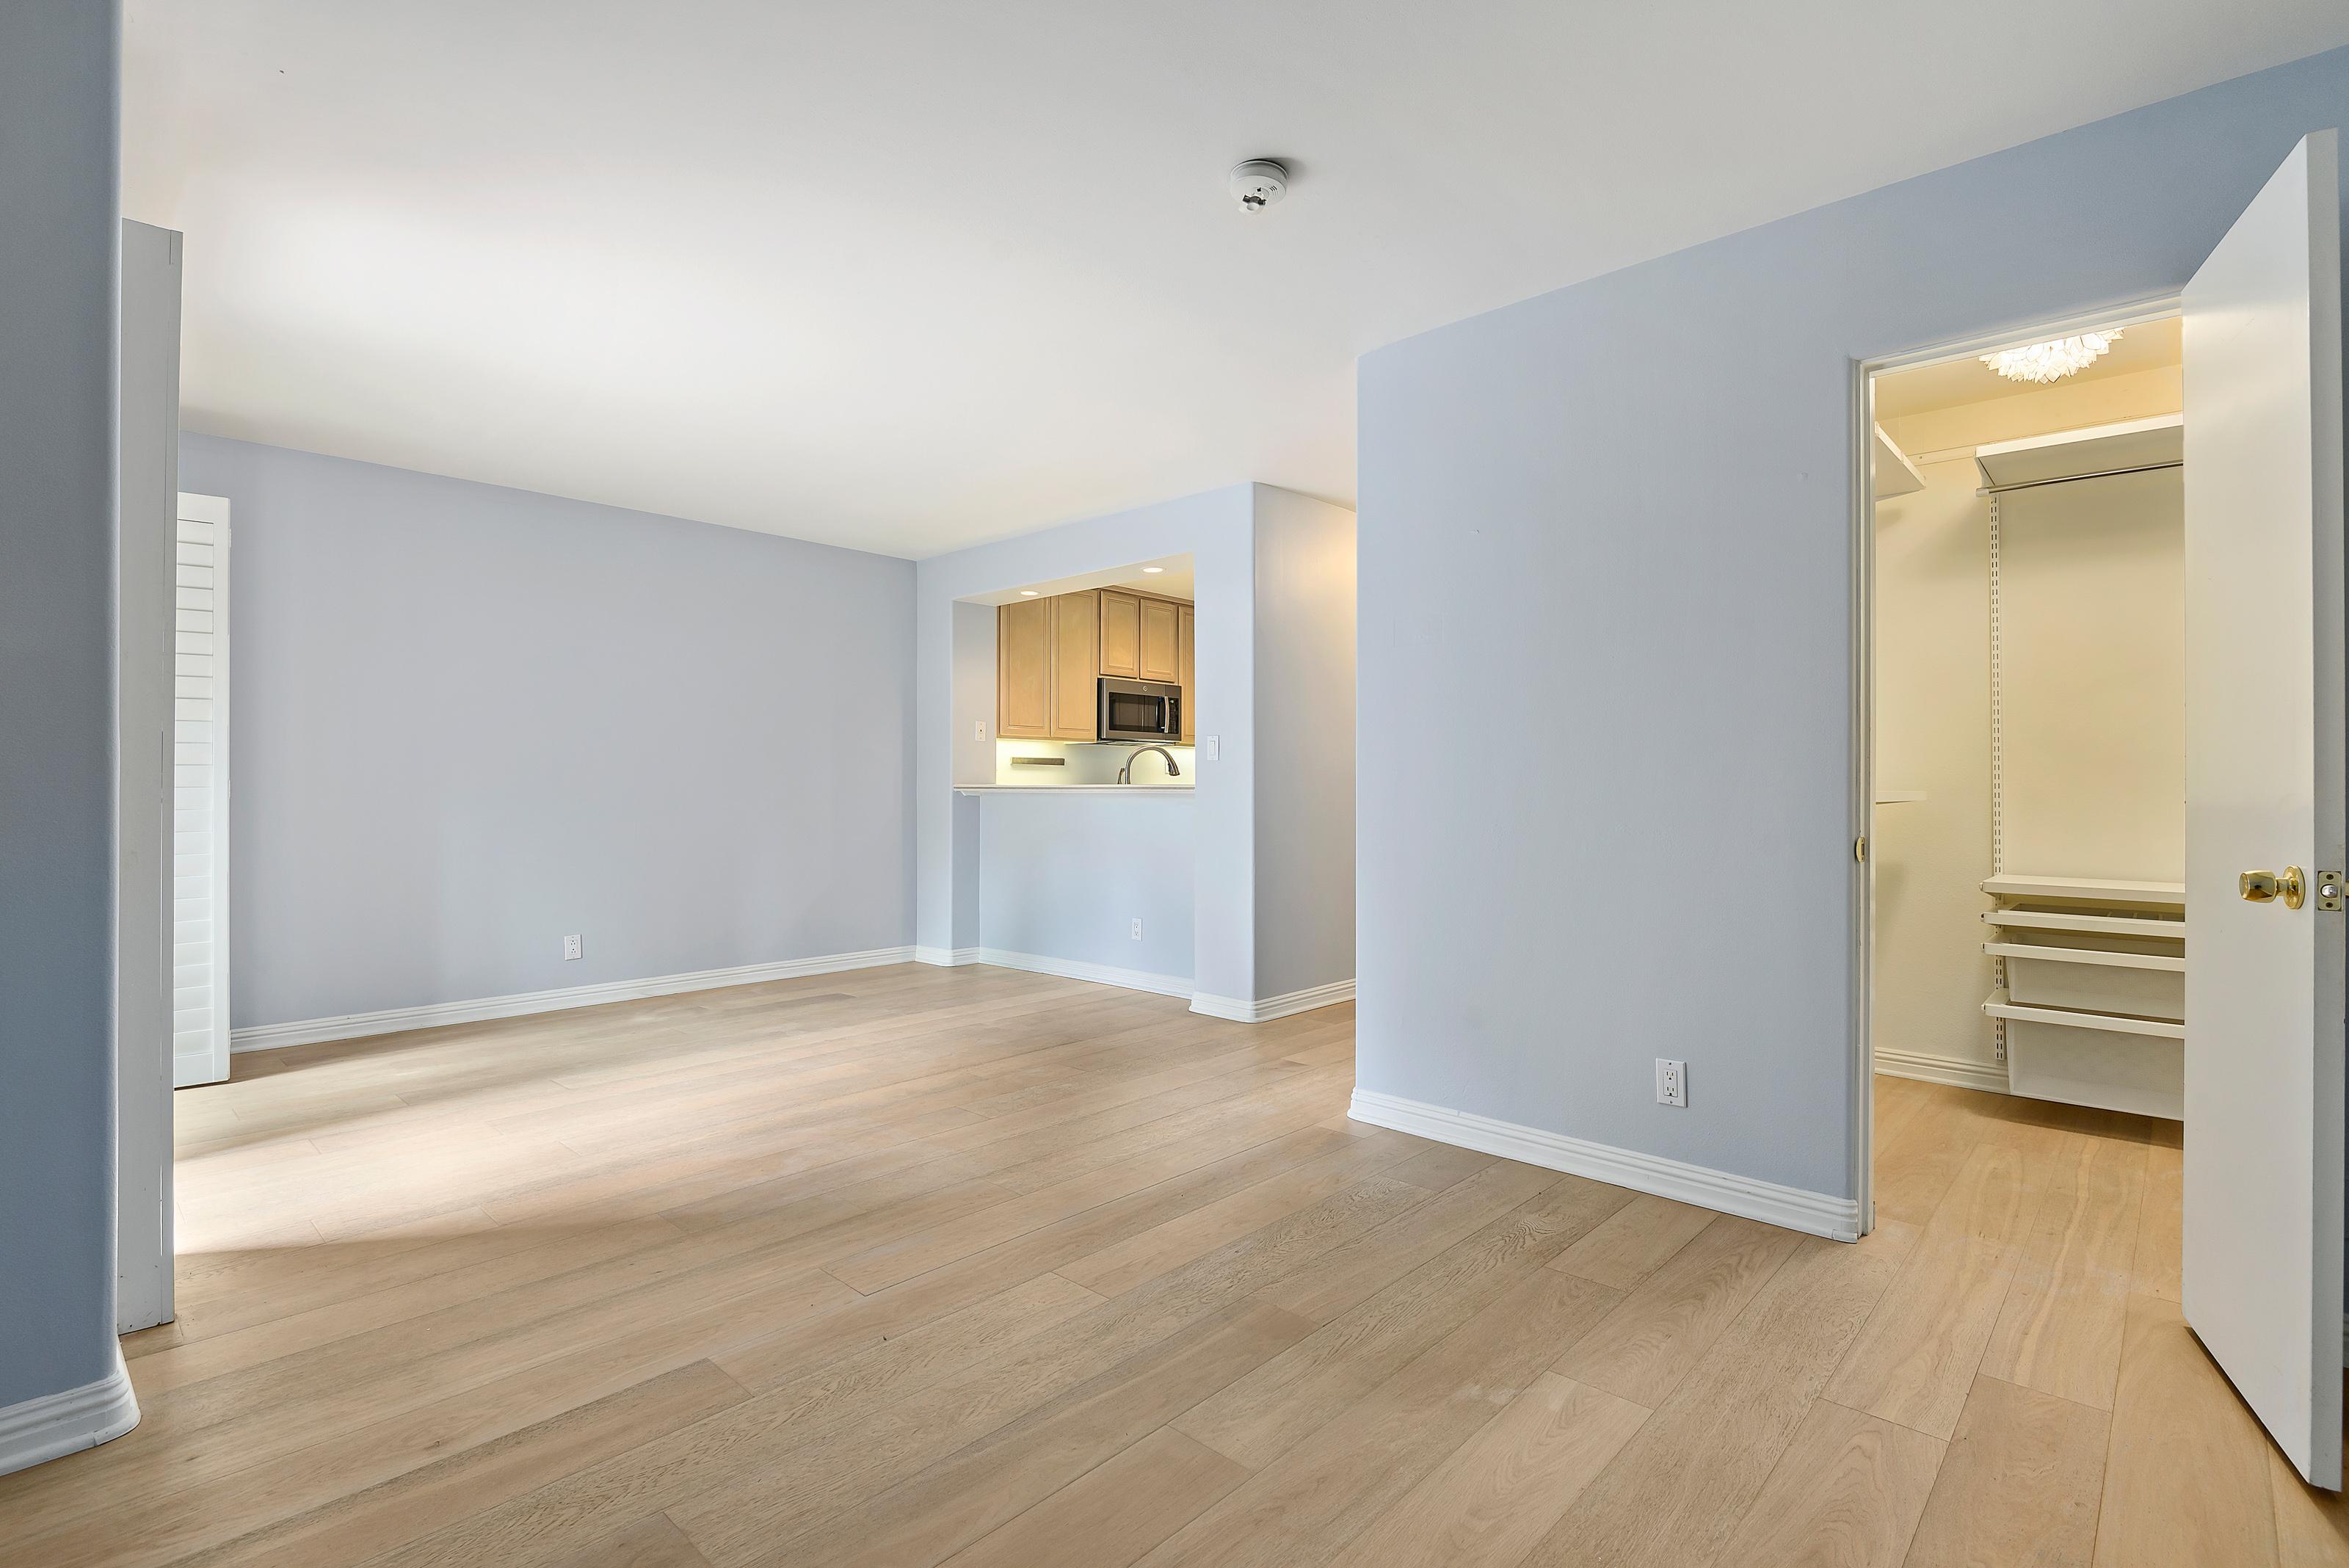 Living Area and Closet